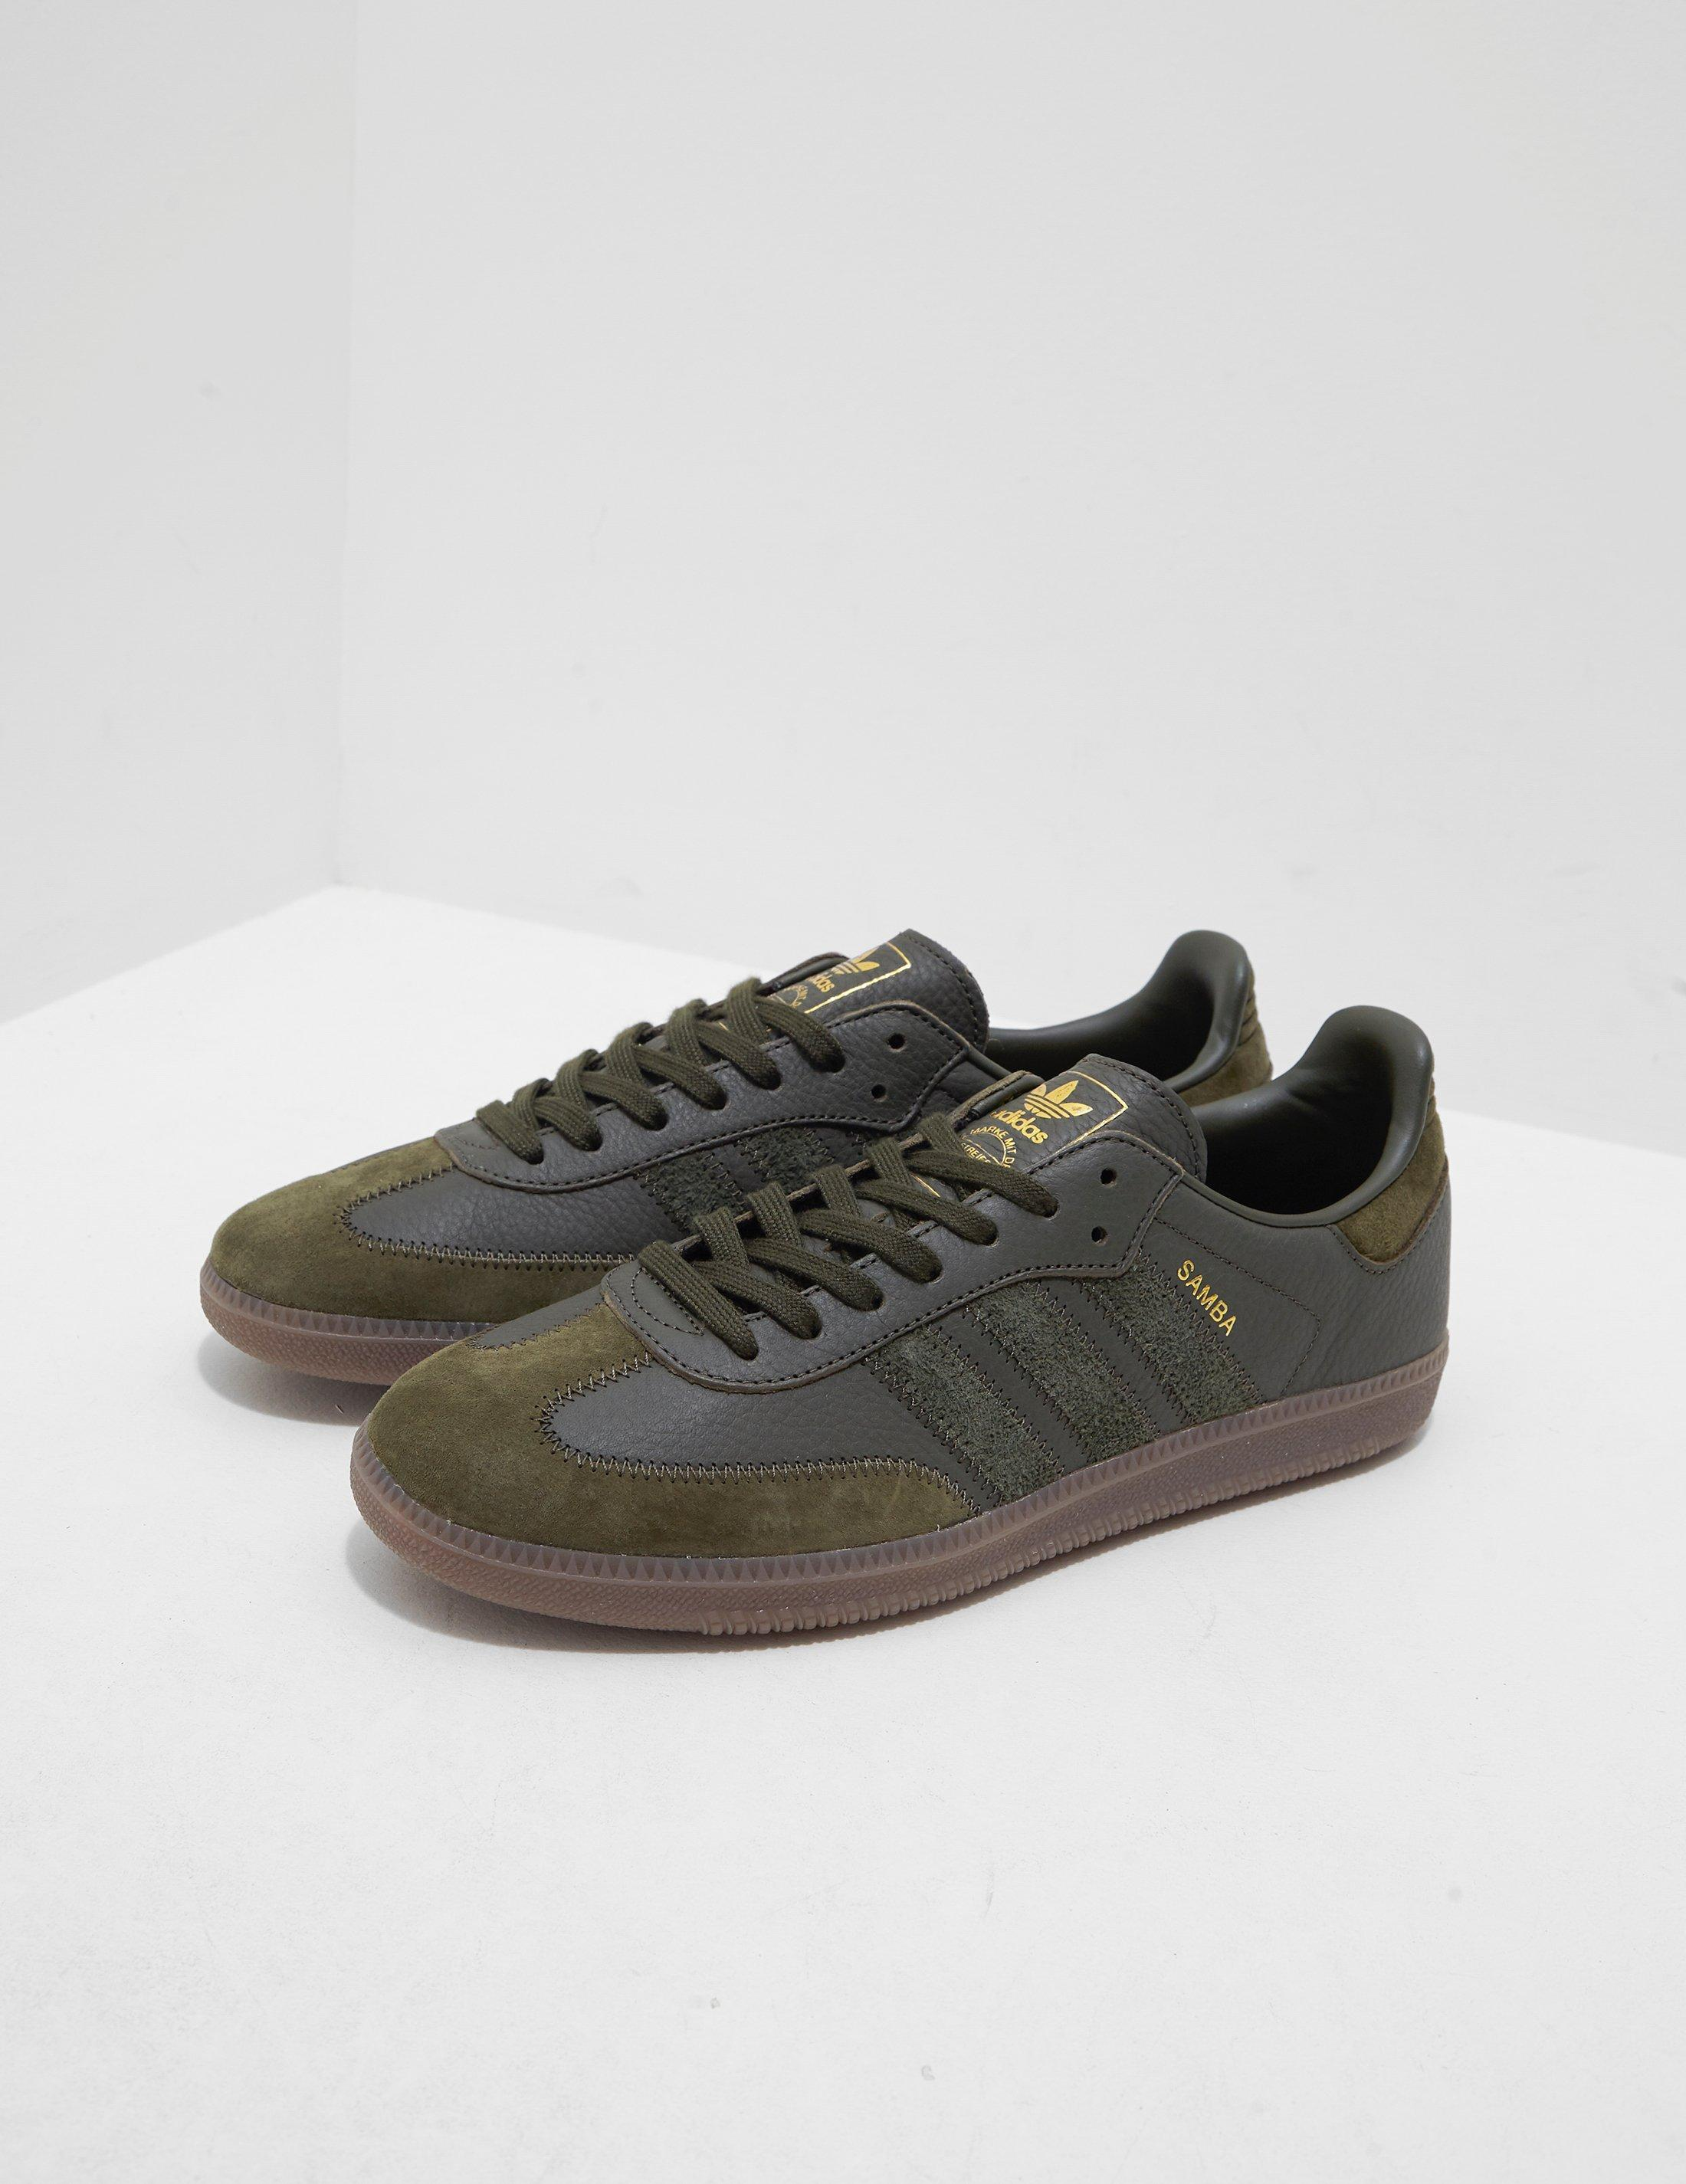 1d1a39bd3a7 Lyst - adidas Originals Samba Leather Og Olive olive in Green for Men